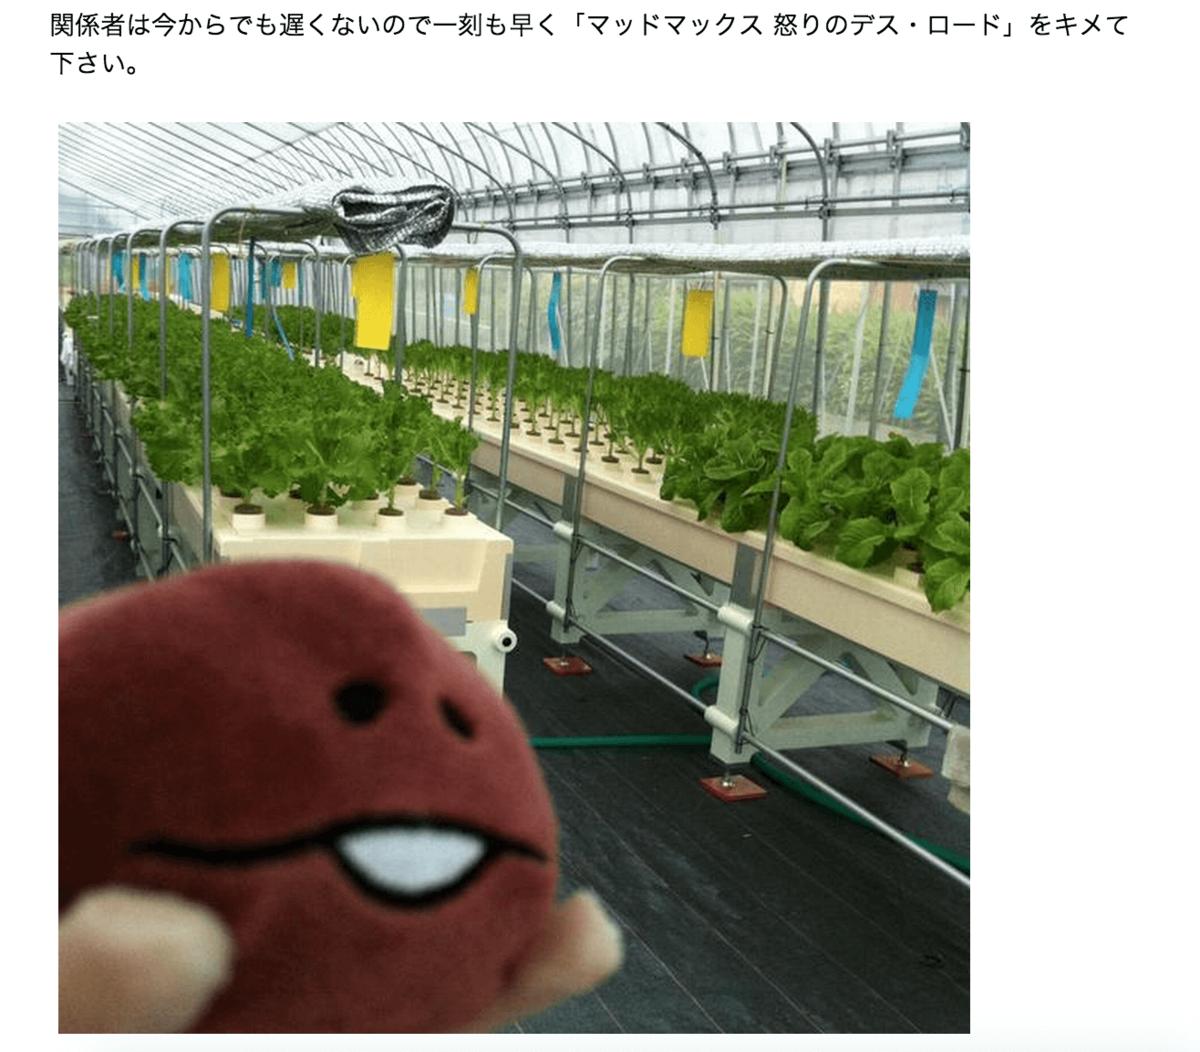 水耕栽培農家の視点から見る「マッドマックス 怒りのデス・ロード」|ITとゲームとメタル